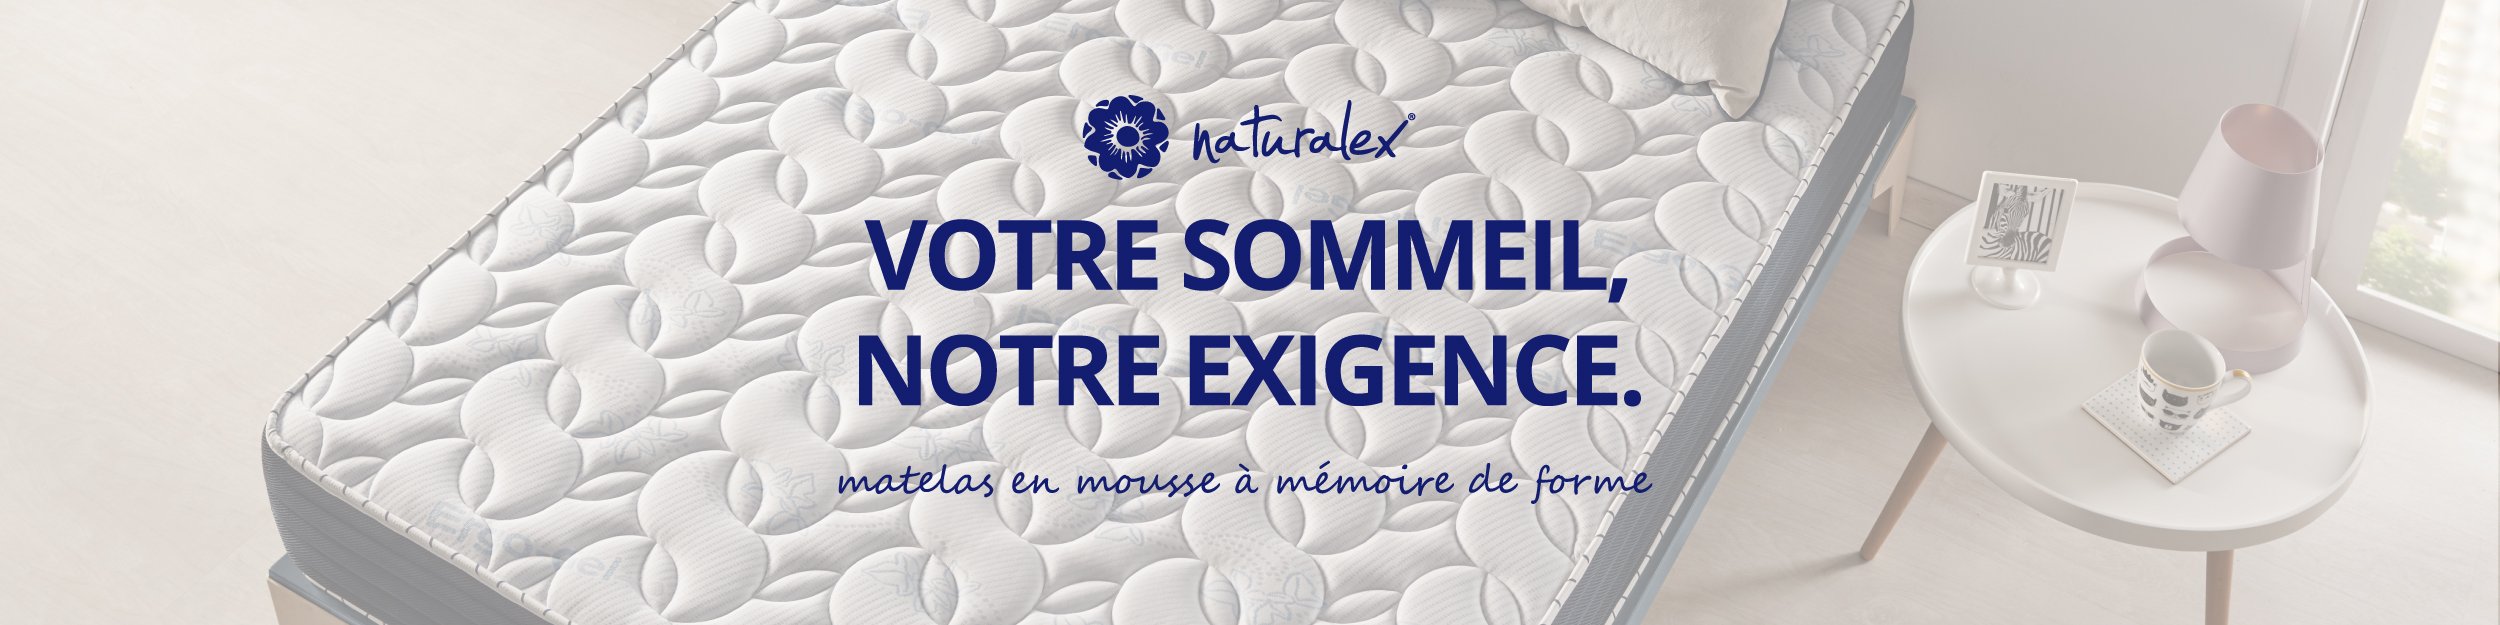 Matelas Naturalex